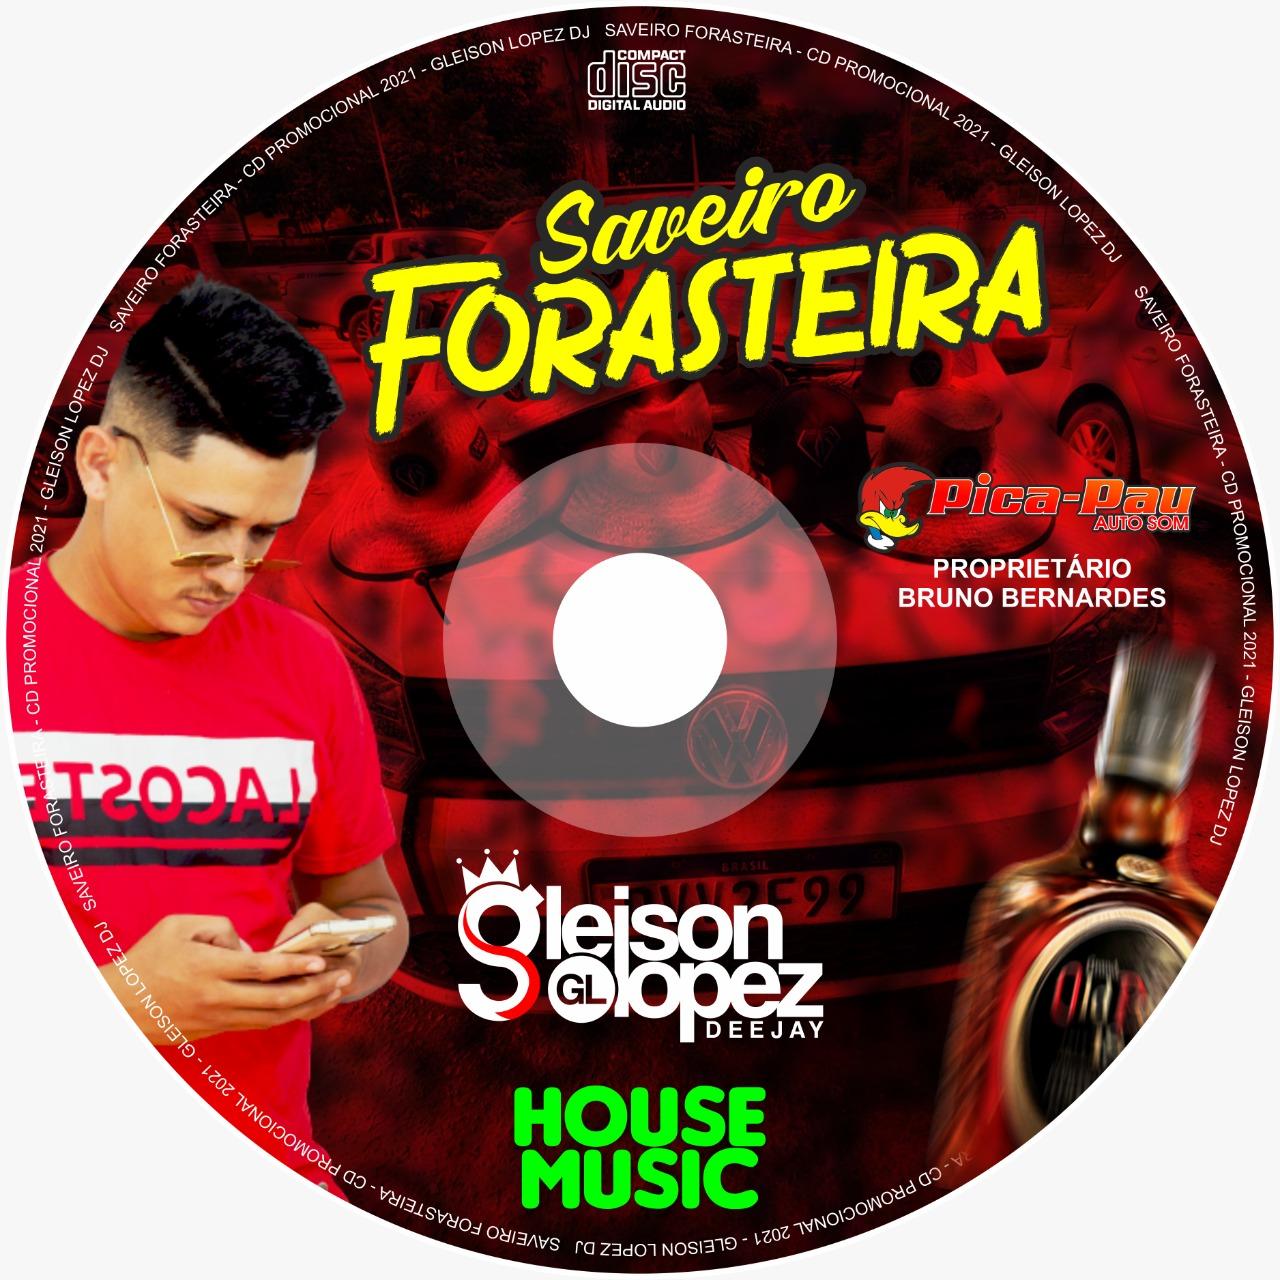 Saveiro Forasteira 2021 - HOUSE MUSIC - Gleison Lopez